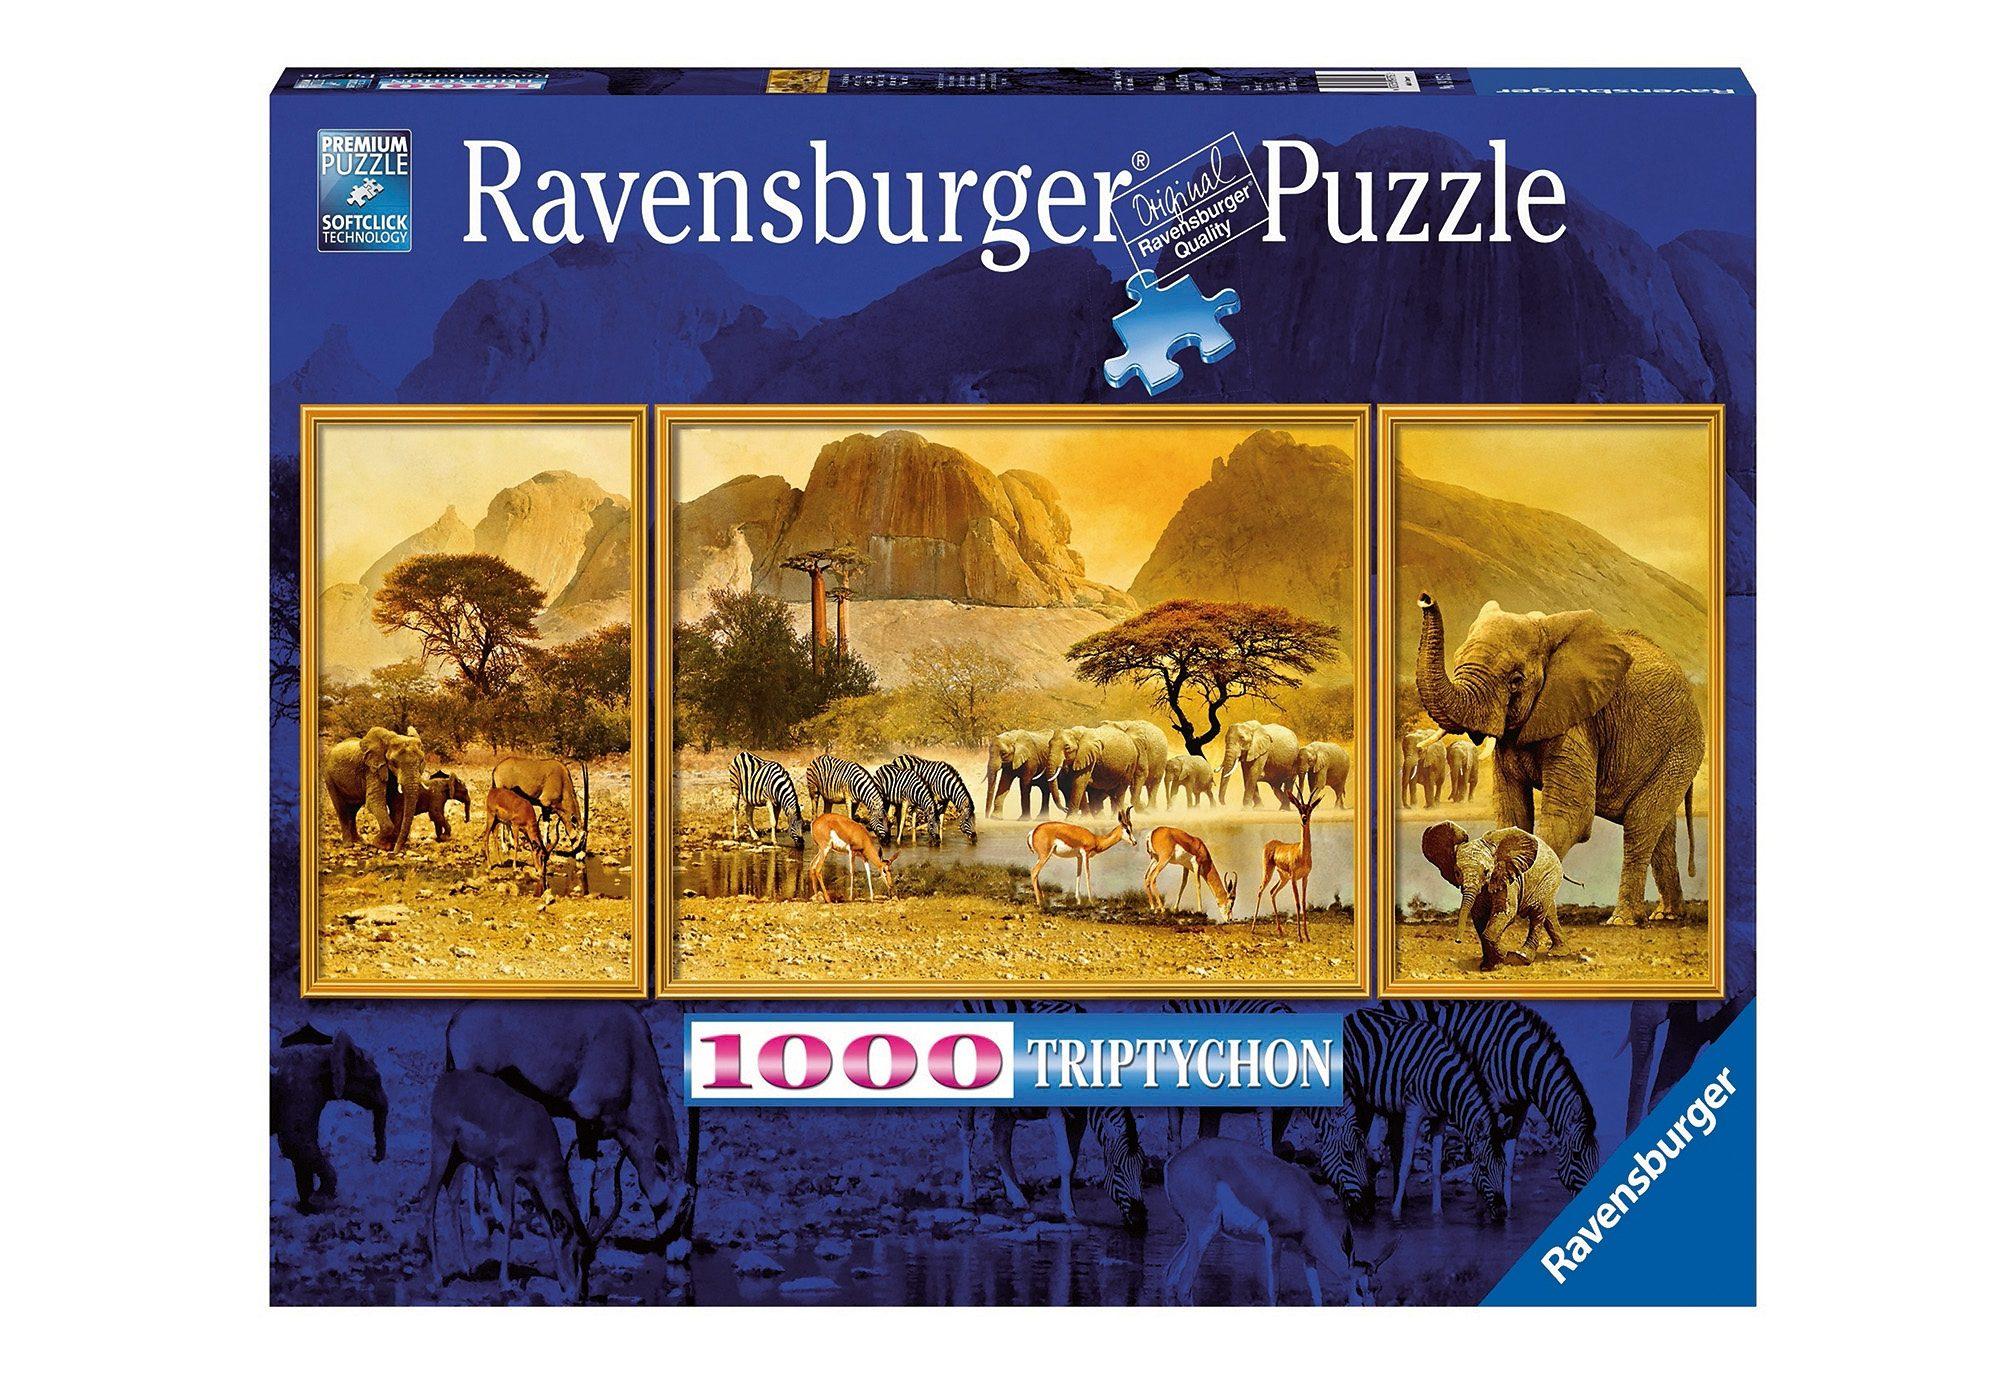 Ravensburger Puzzle 1000 Teile, »Triptychon Afrika«